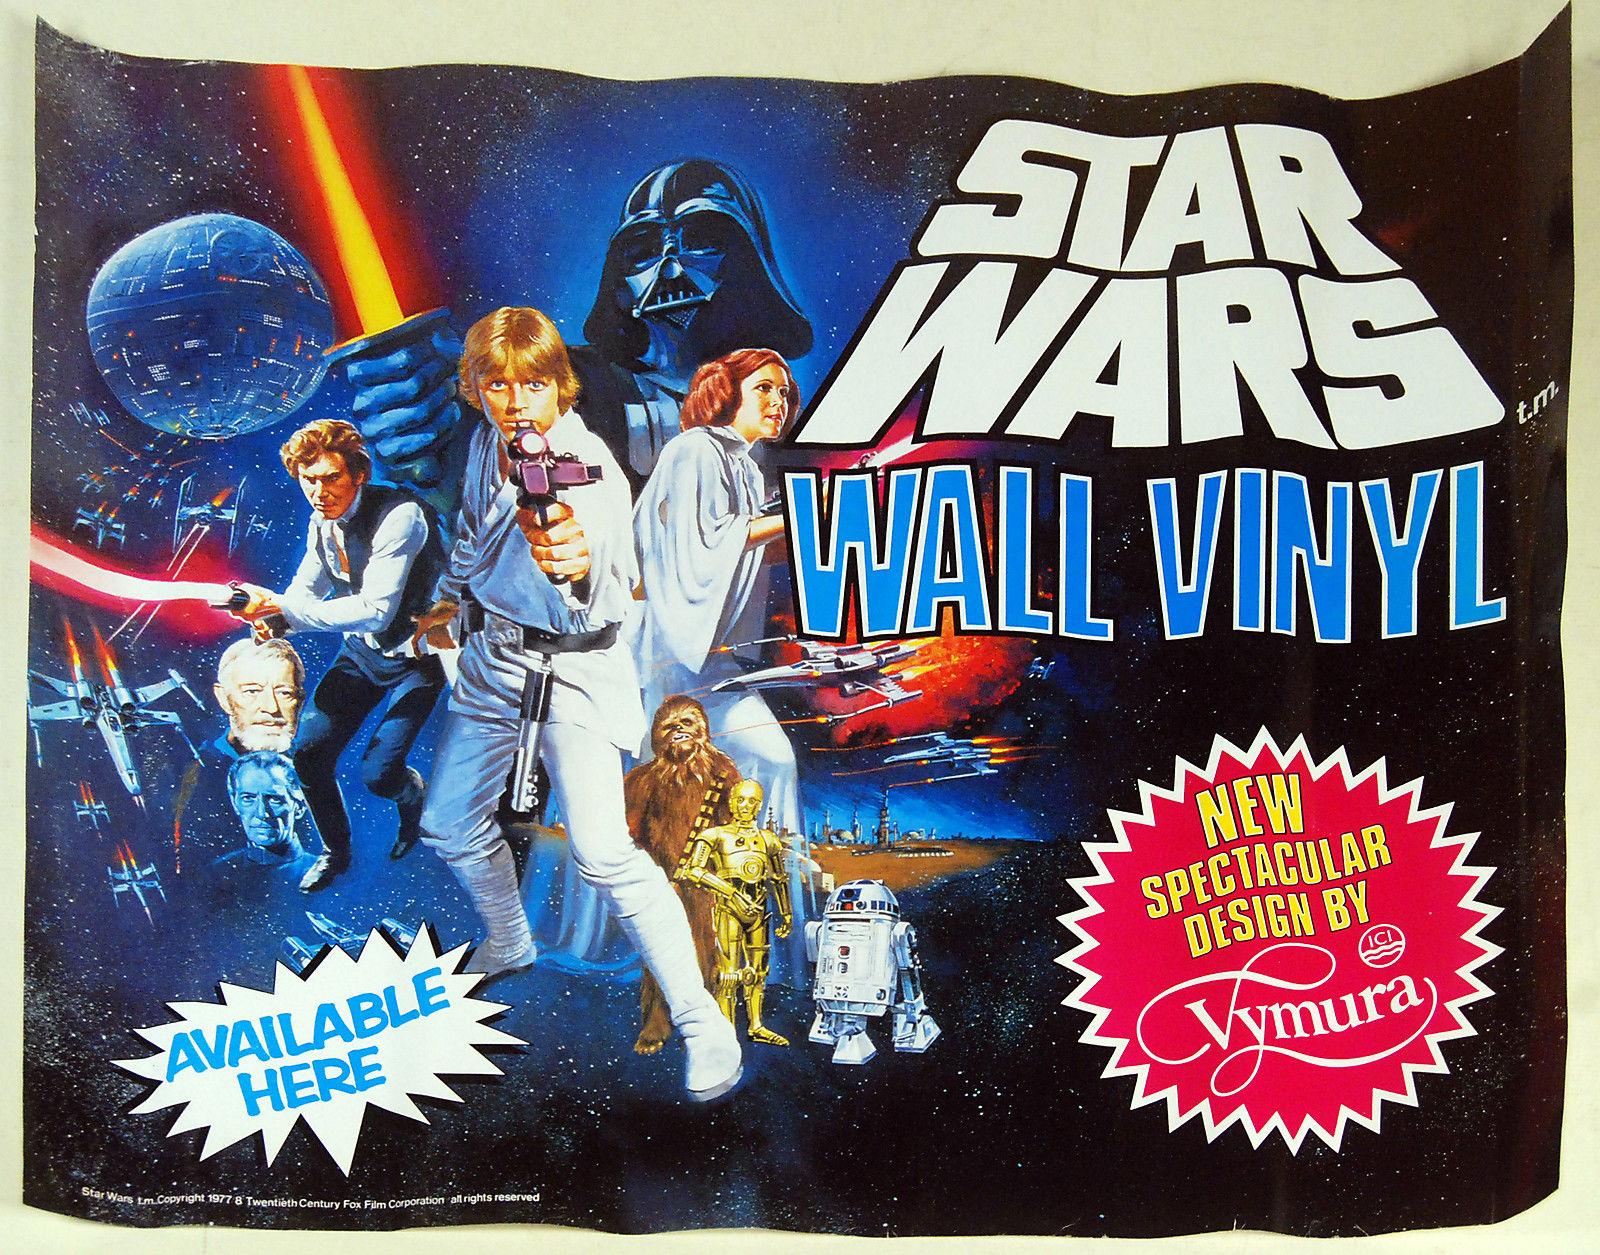 Star Wars Wall Vinyl Banner Ad 1977 2 Warps To Neptune